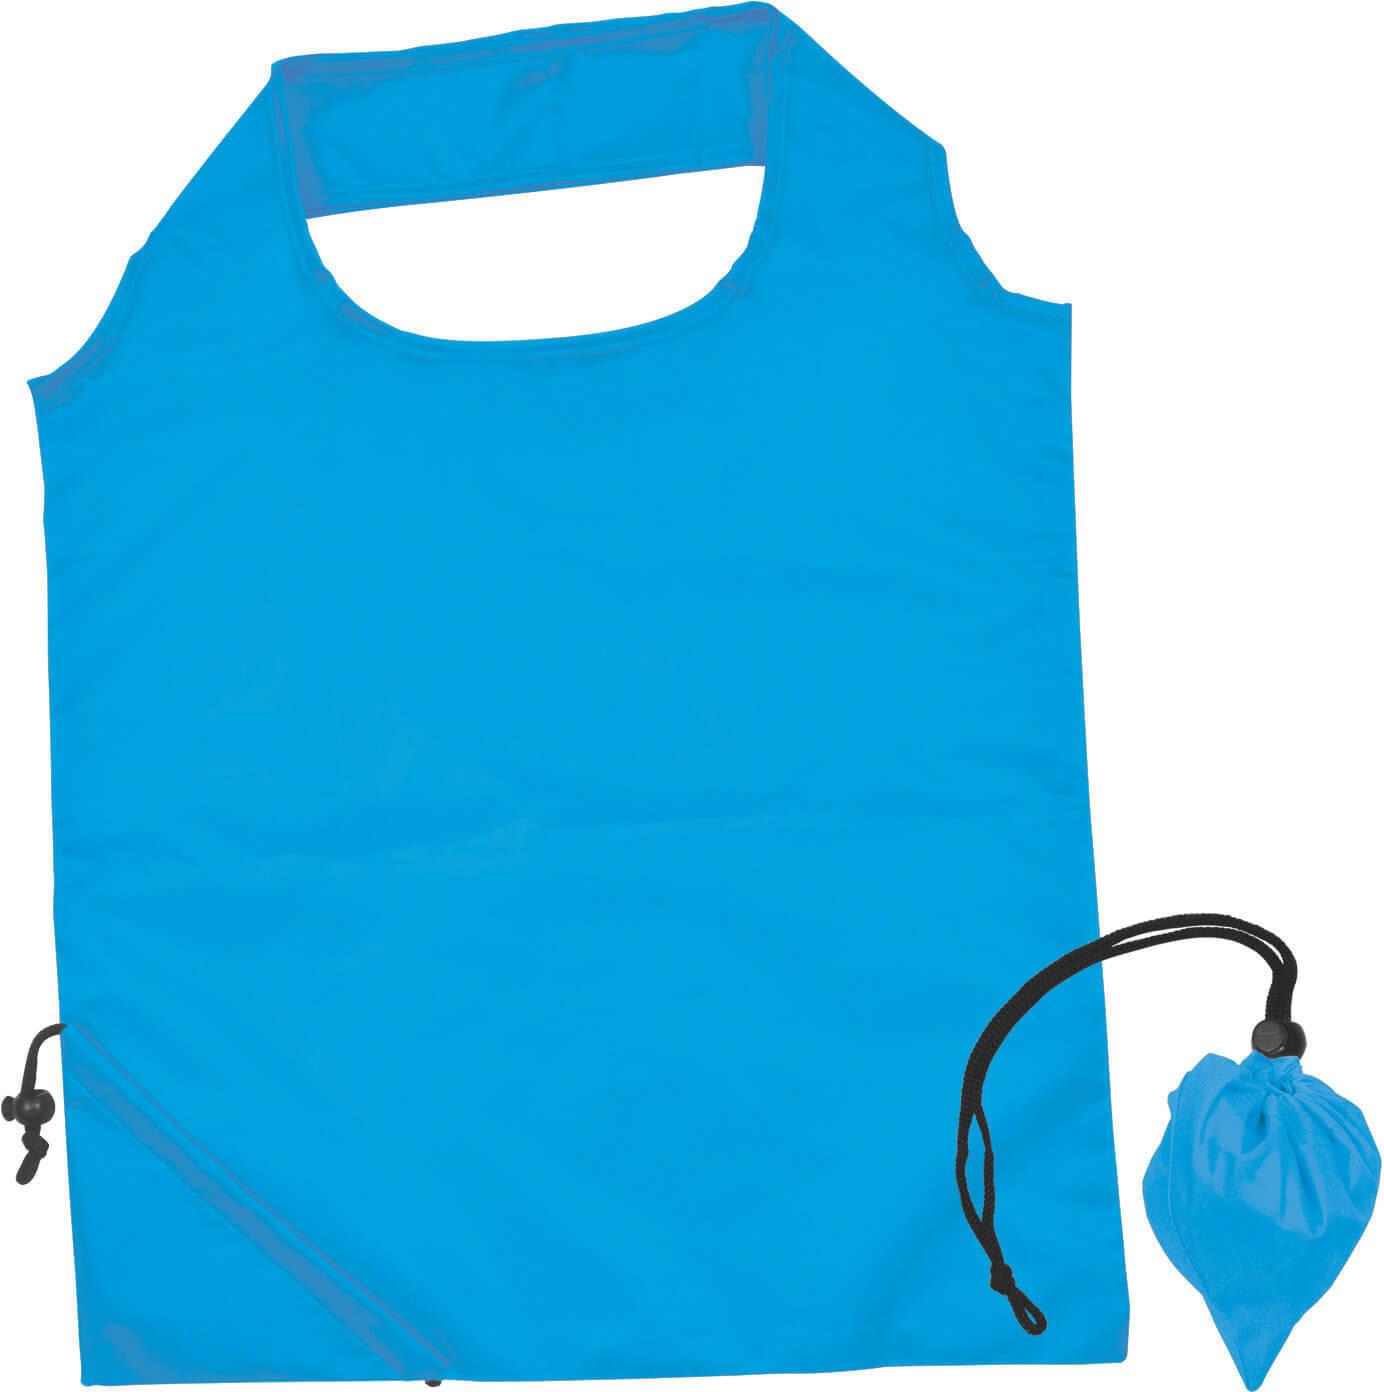 Light Blue Folding Polyester Shopping Bag